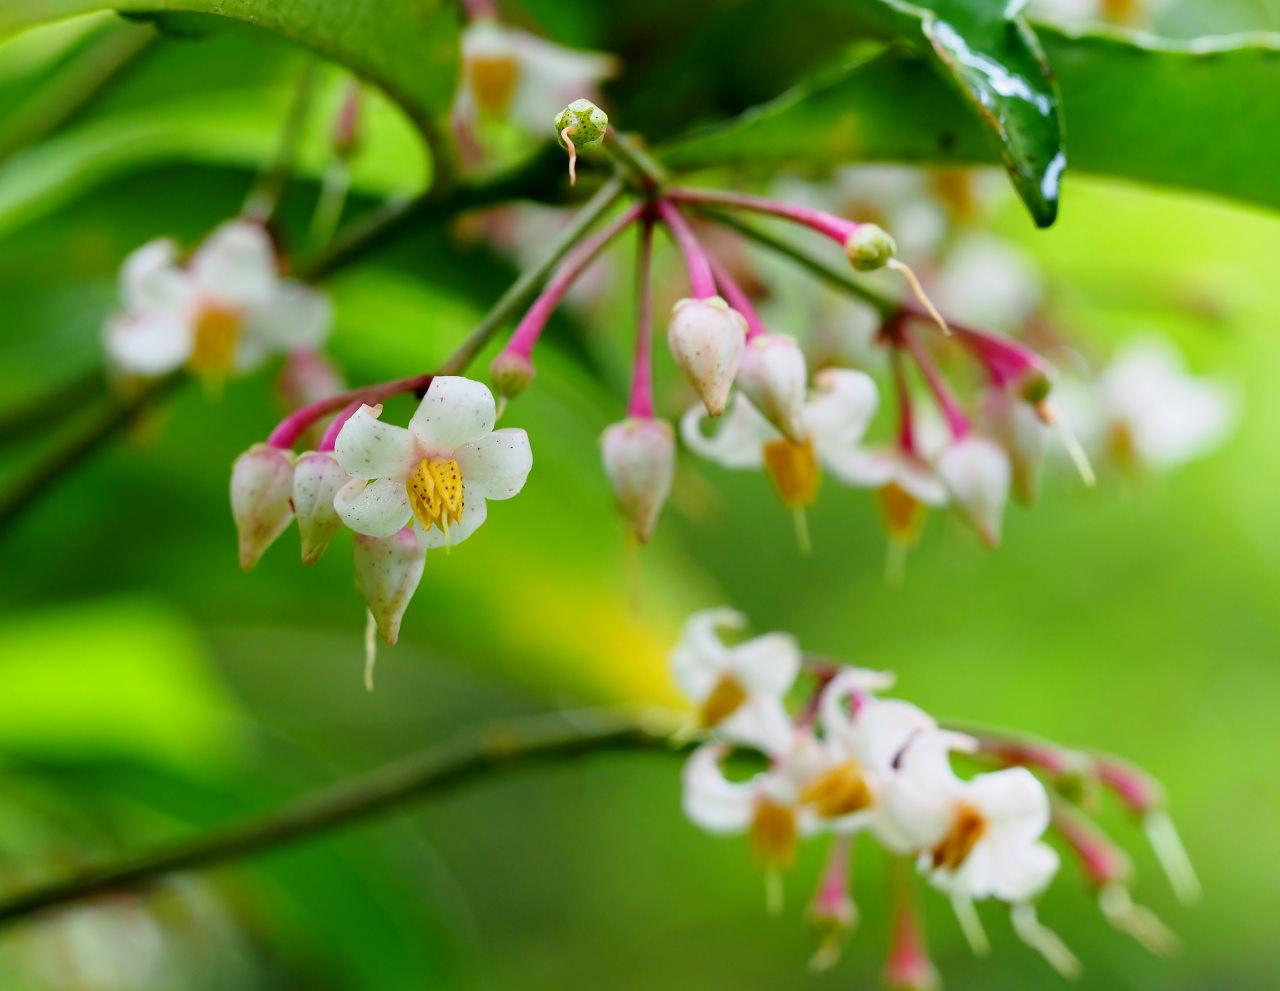 少林山境内で撮れた花や虫_c0305565_17434152.jpg